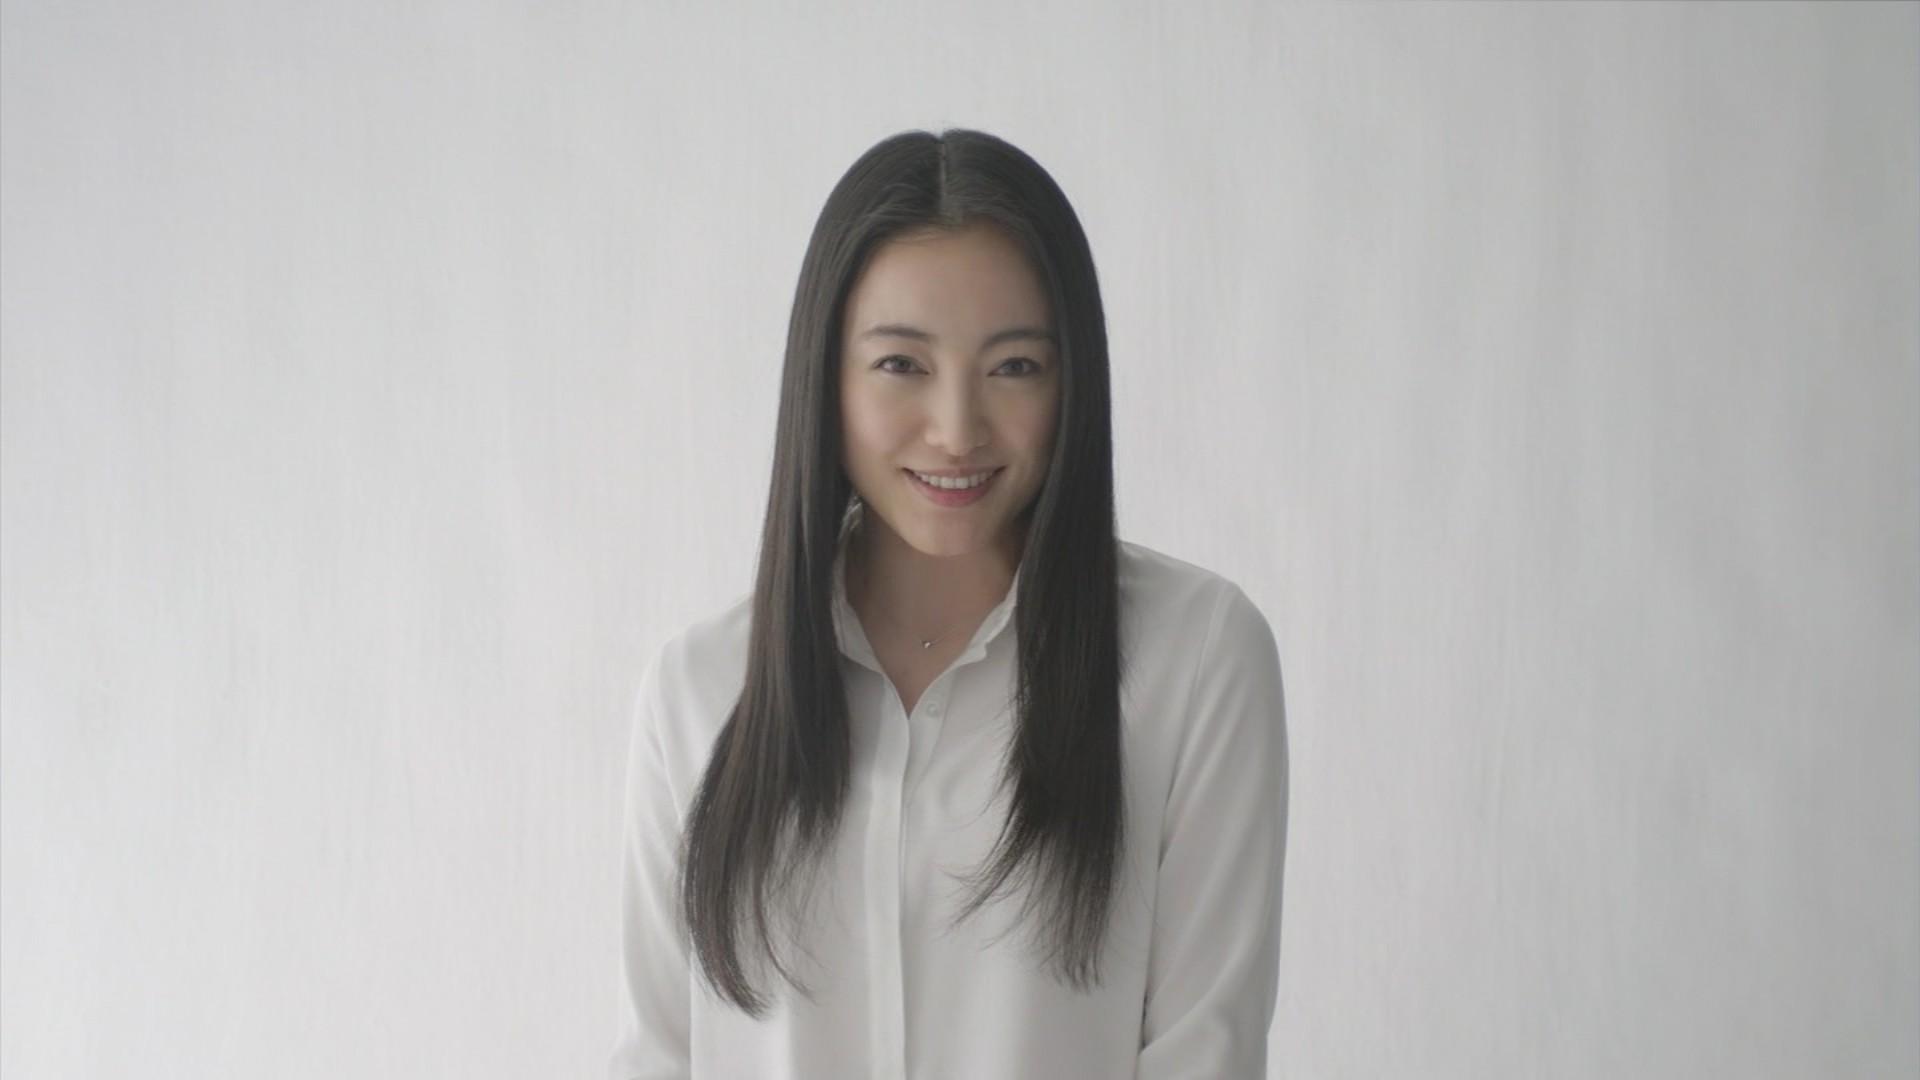 【奇跡の人!】仲間由紀恵さんと結婚した幸せ者な旦那様って誰?のサムネイル画像